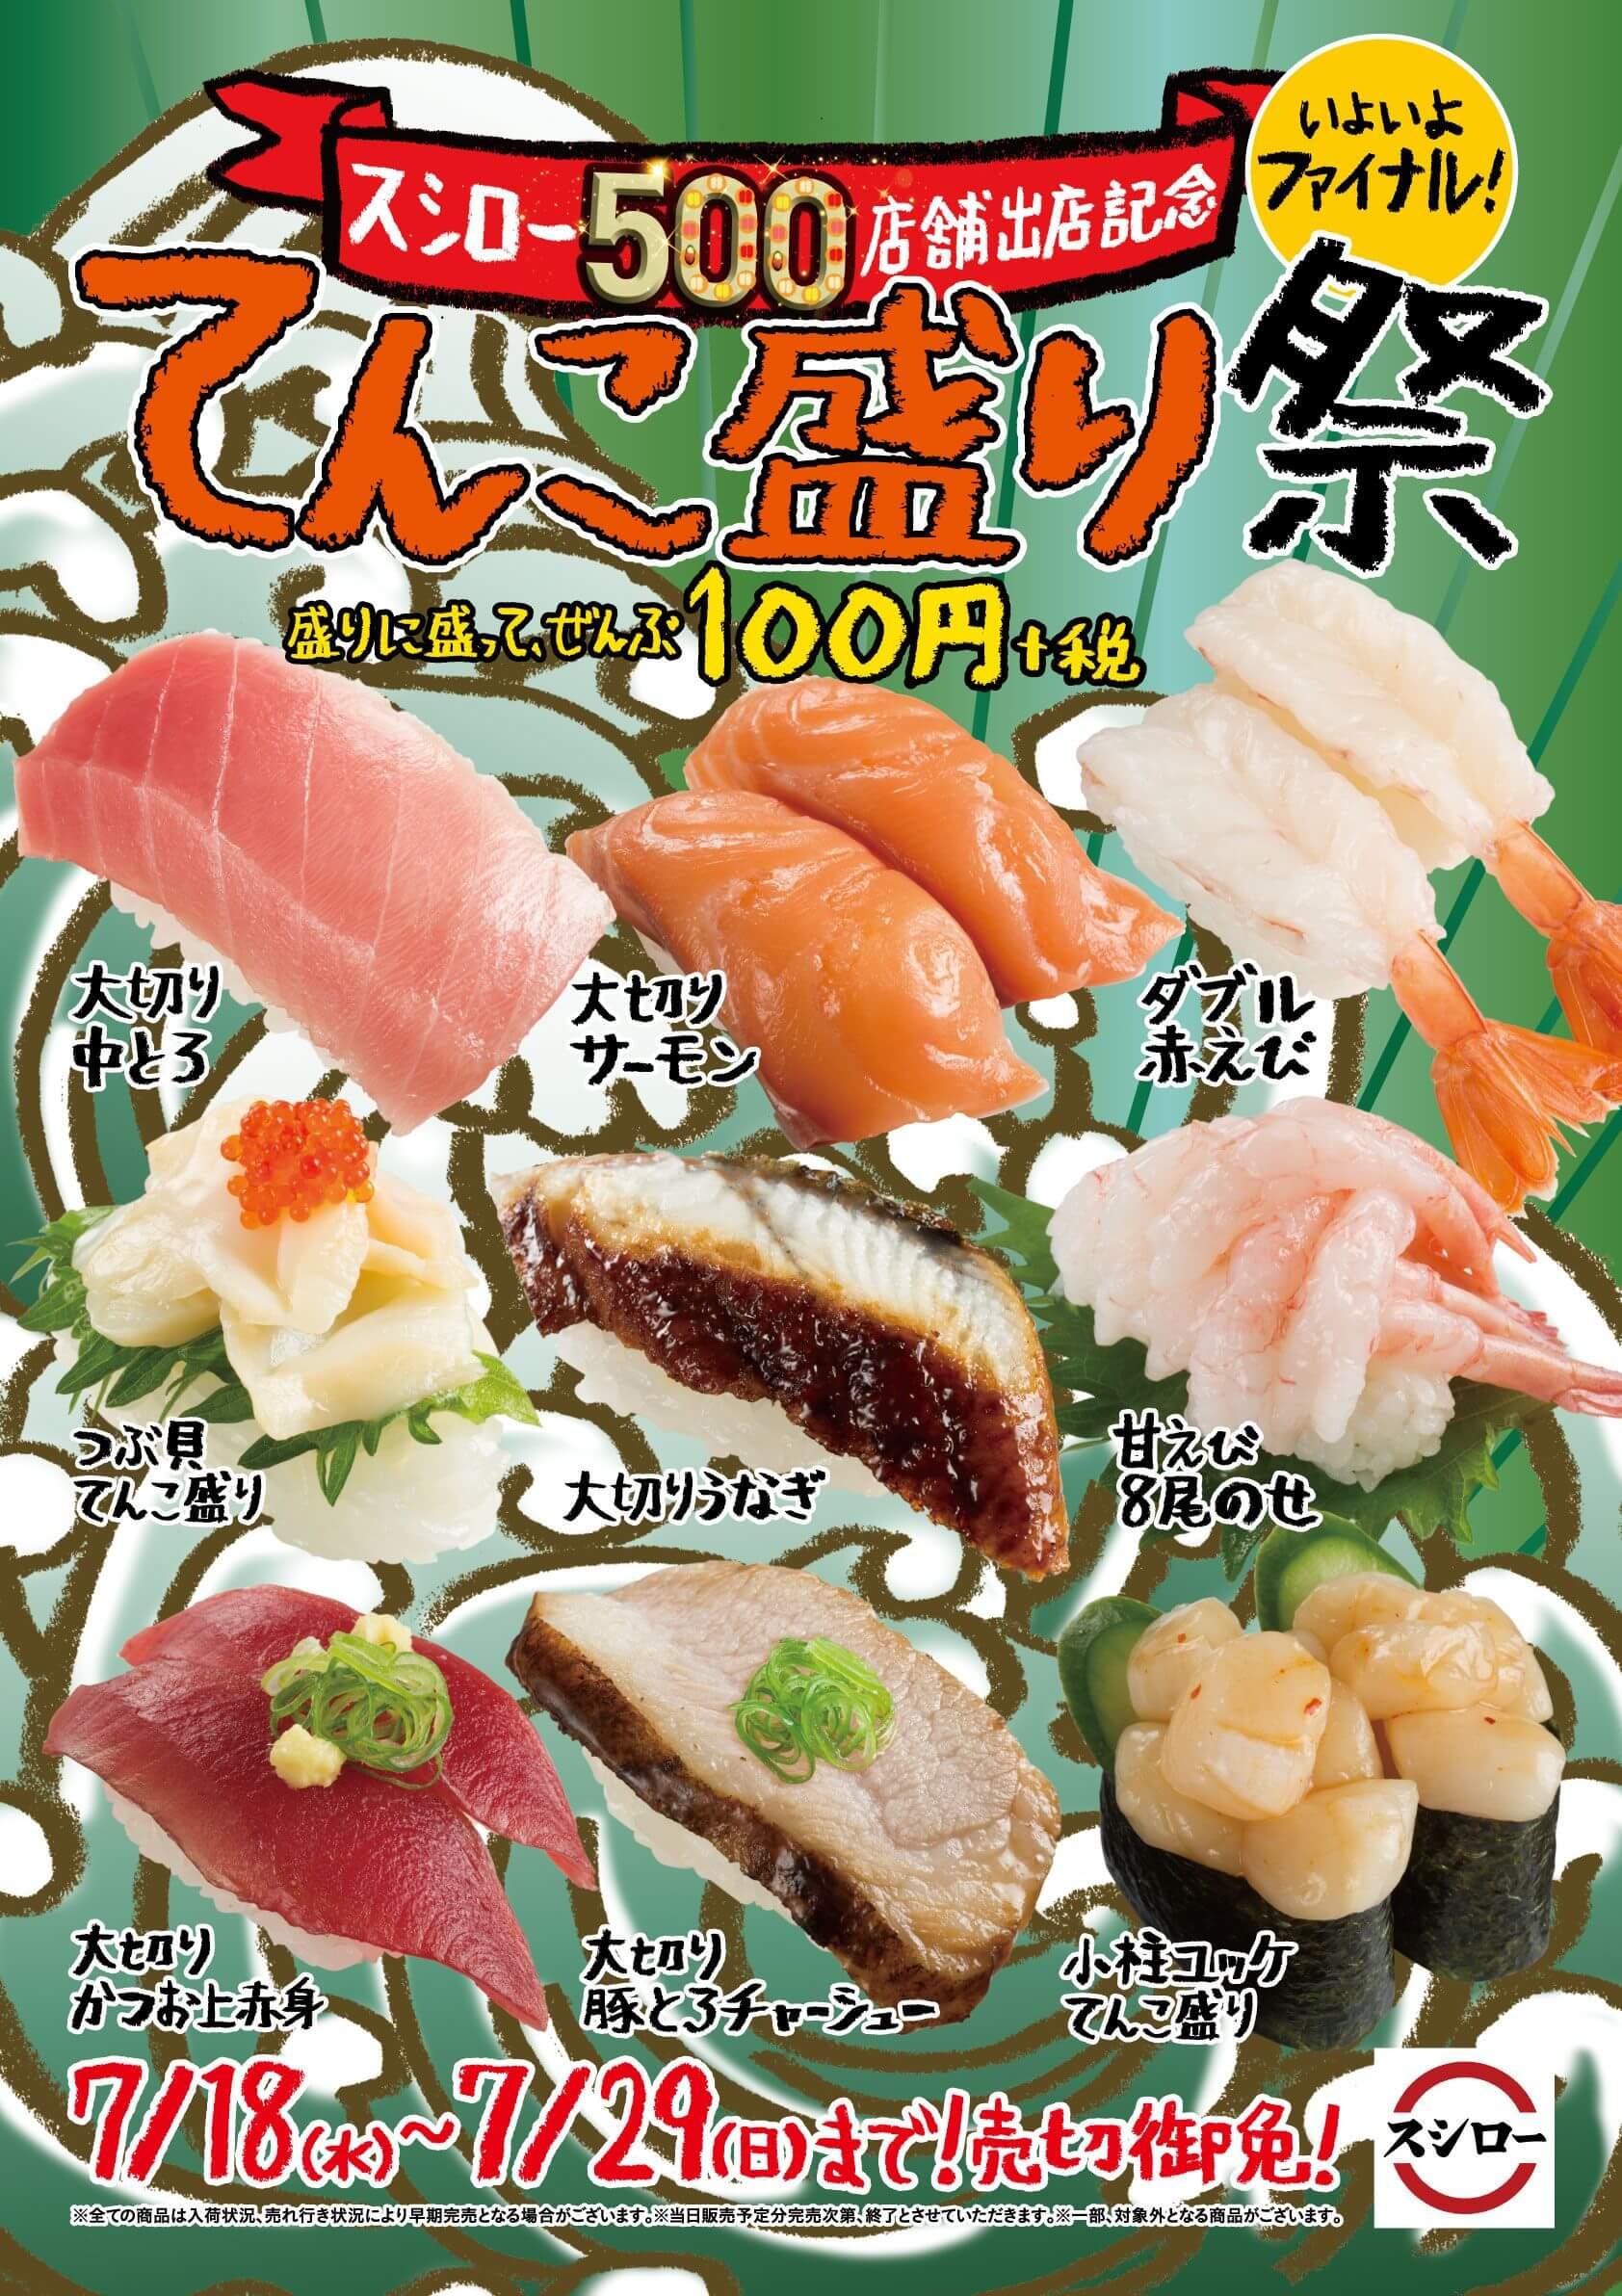 日本壽司郎將舉辦最低日幣100圓起的「堆滿滿祭」 壽司、壽司郎、